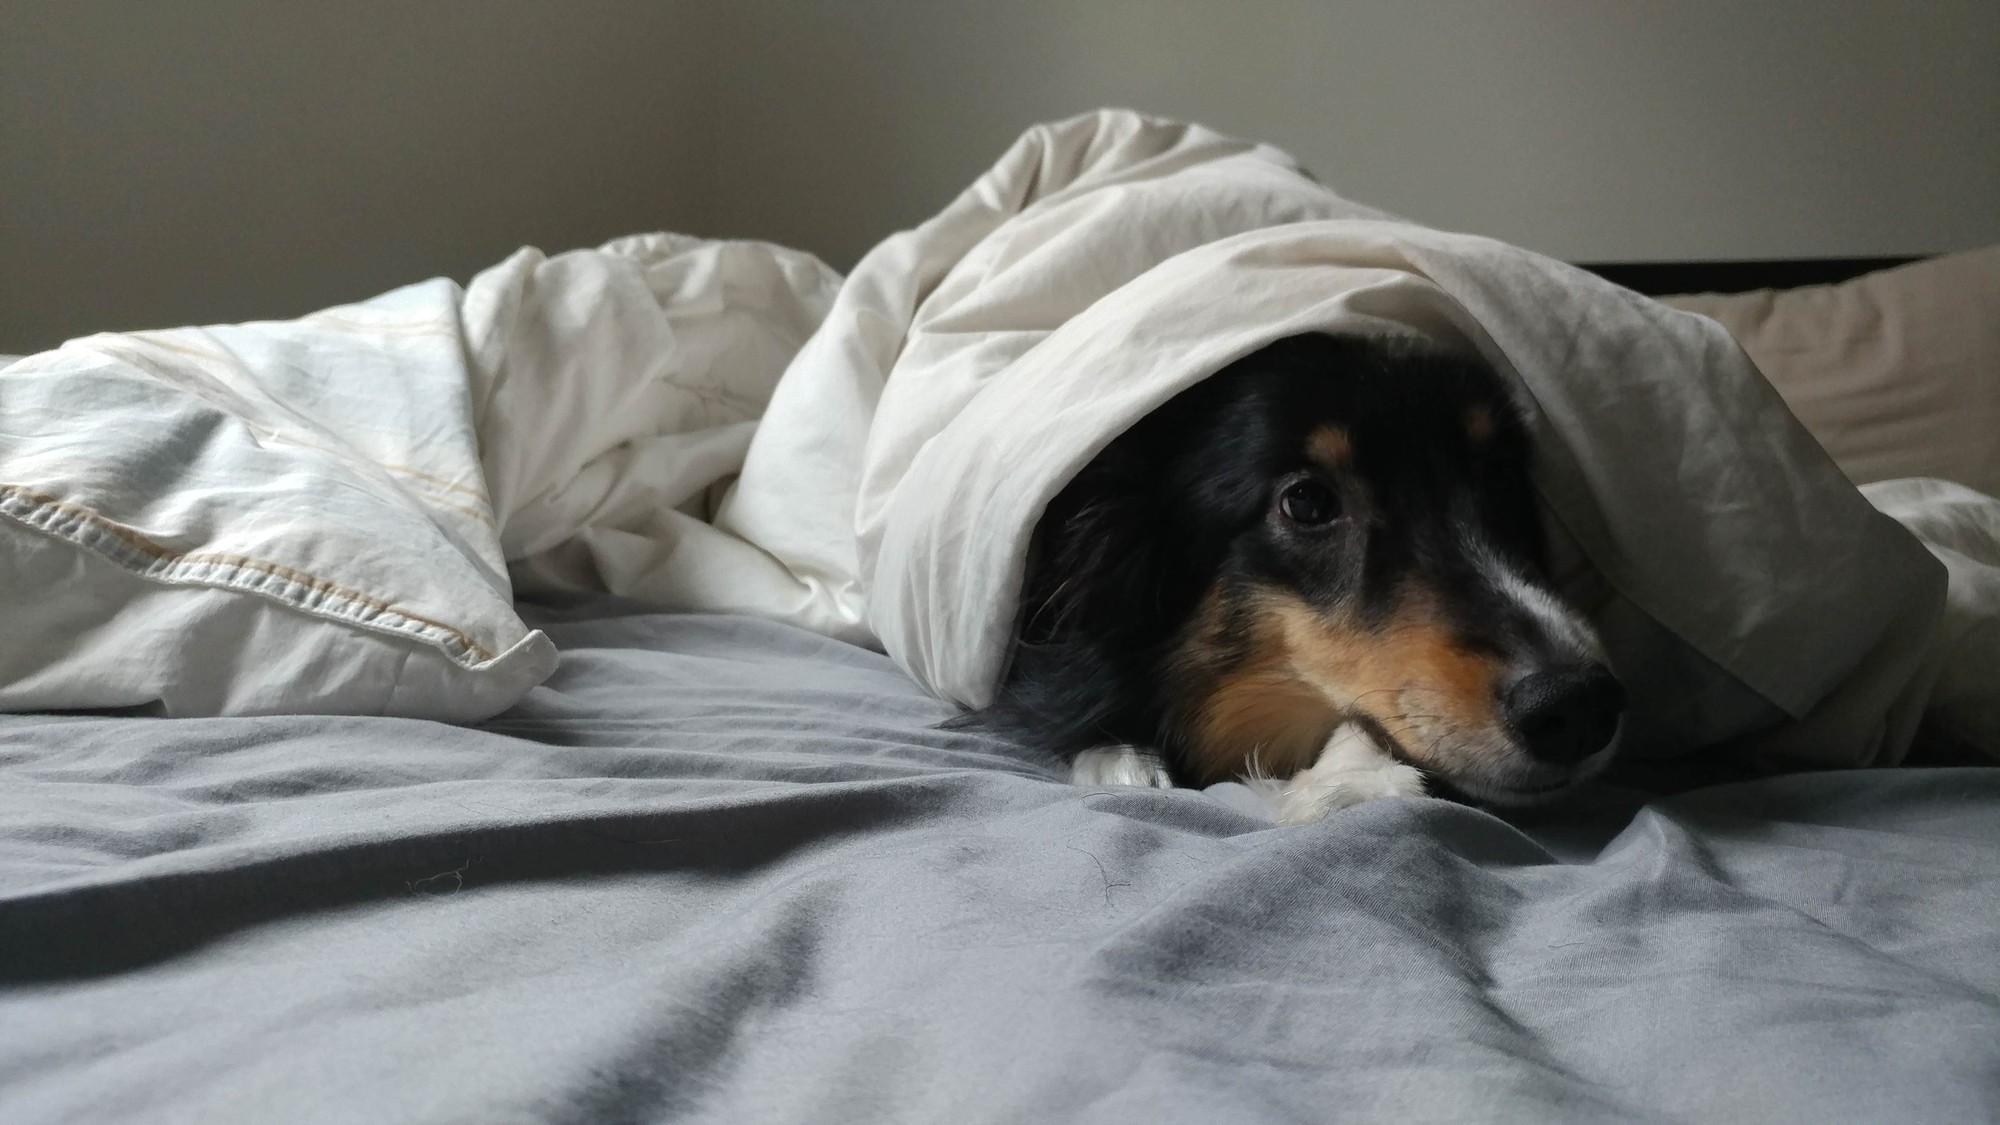 15 chú chó xấu tính chỉ thích độc chiếm một mình một giường mới chịu - Ảnh 21.